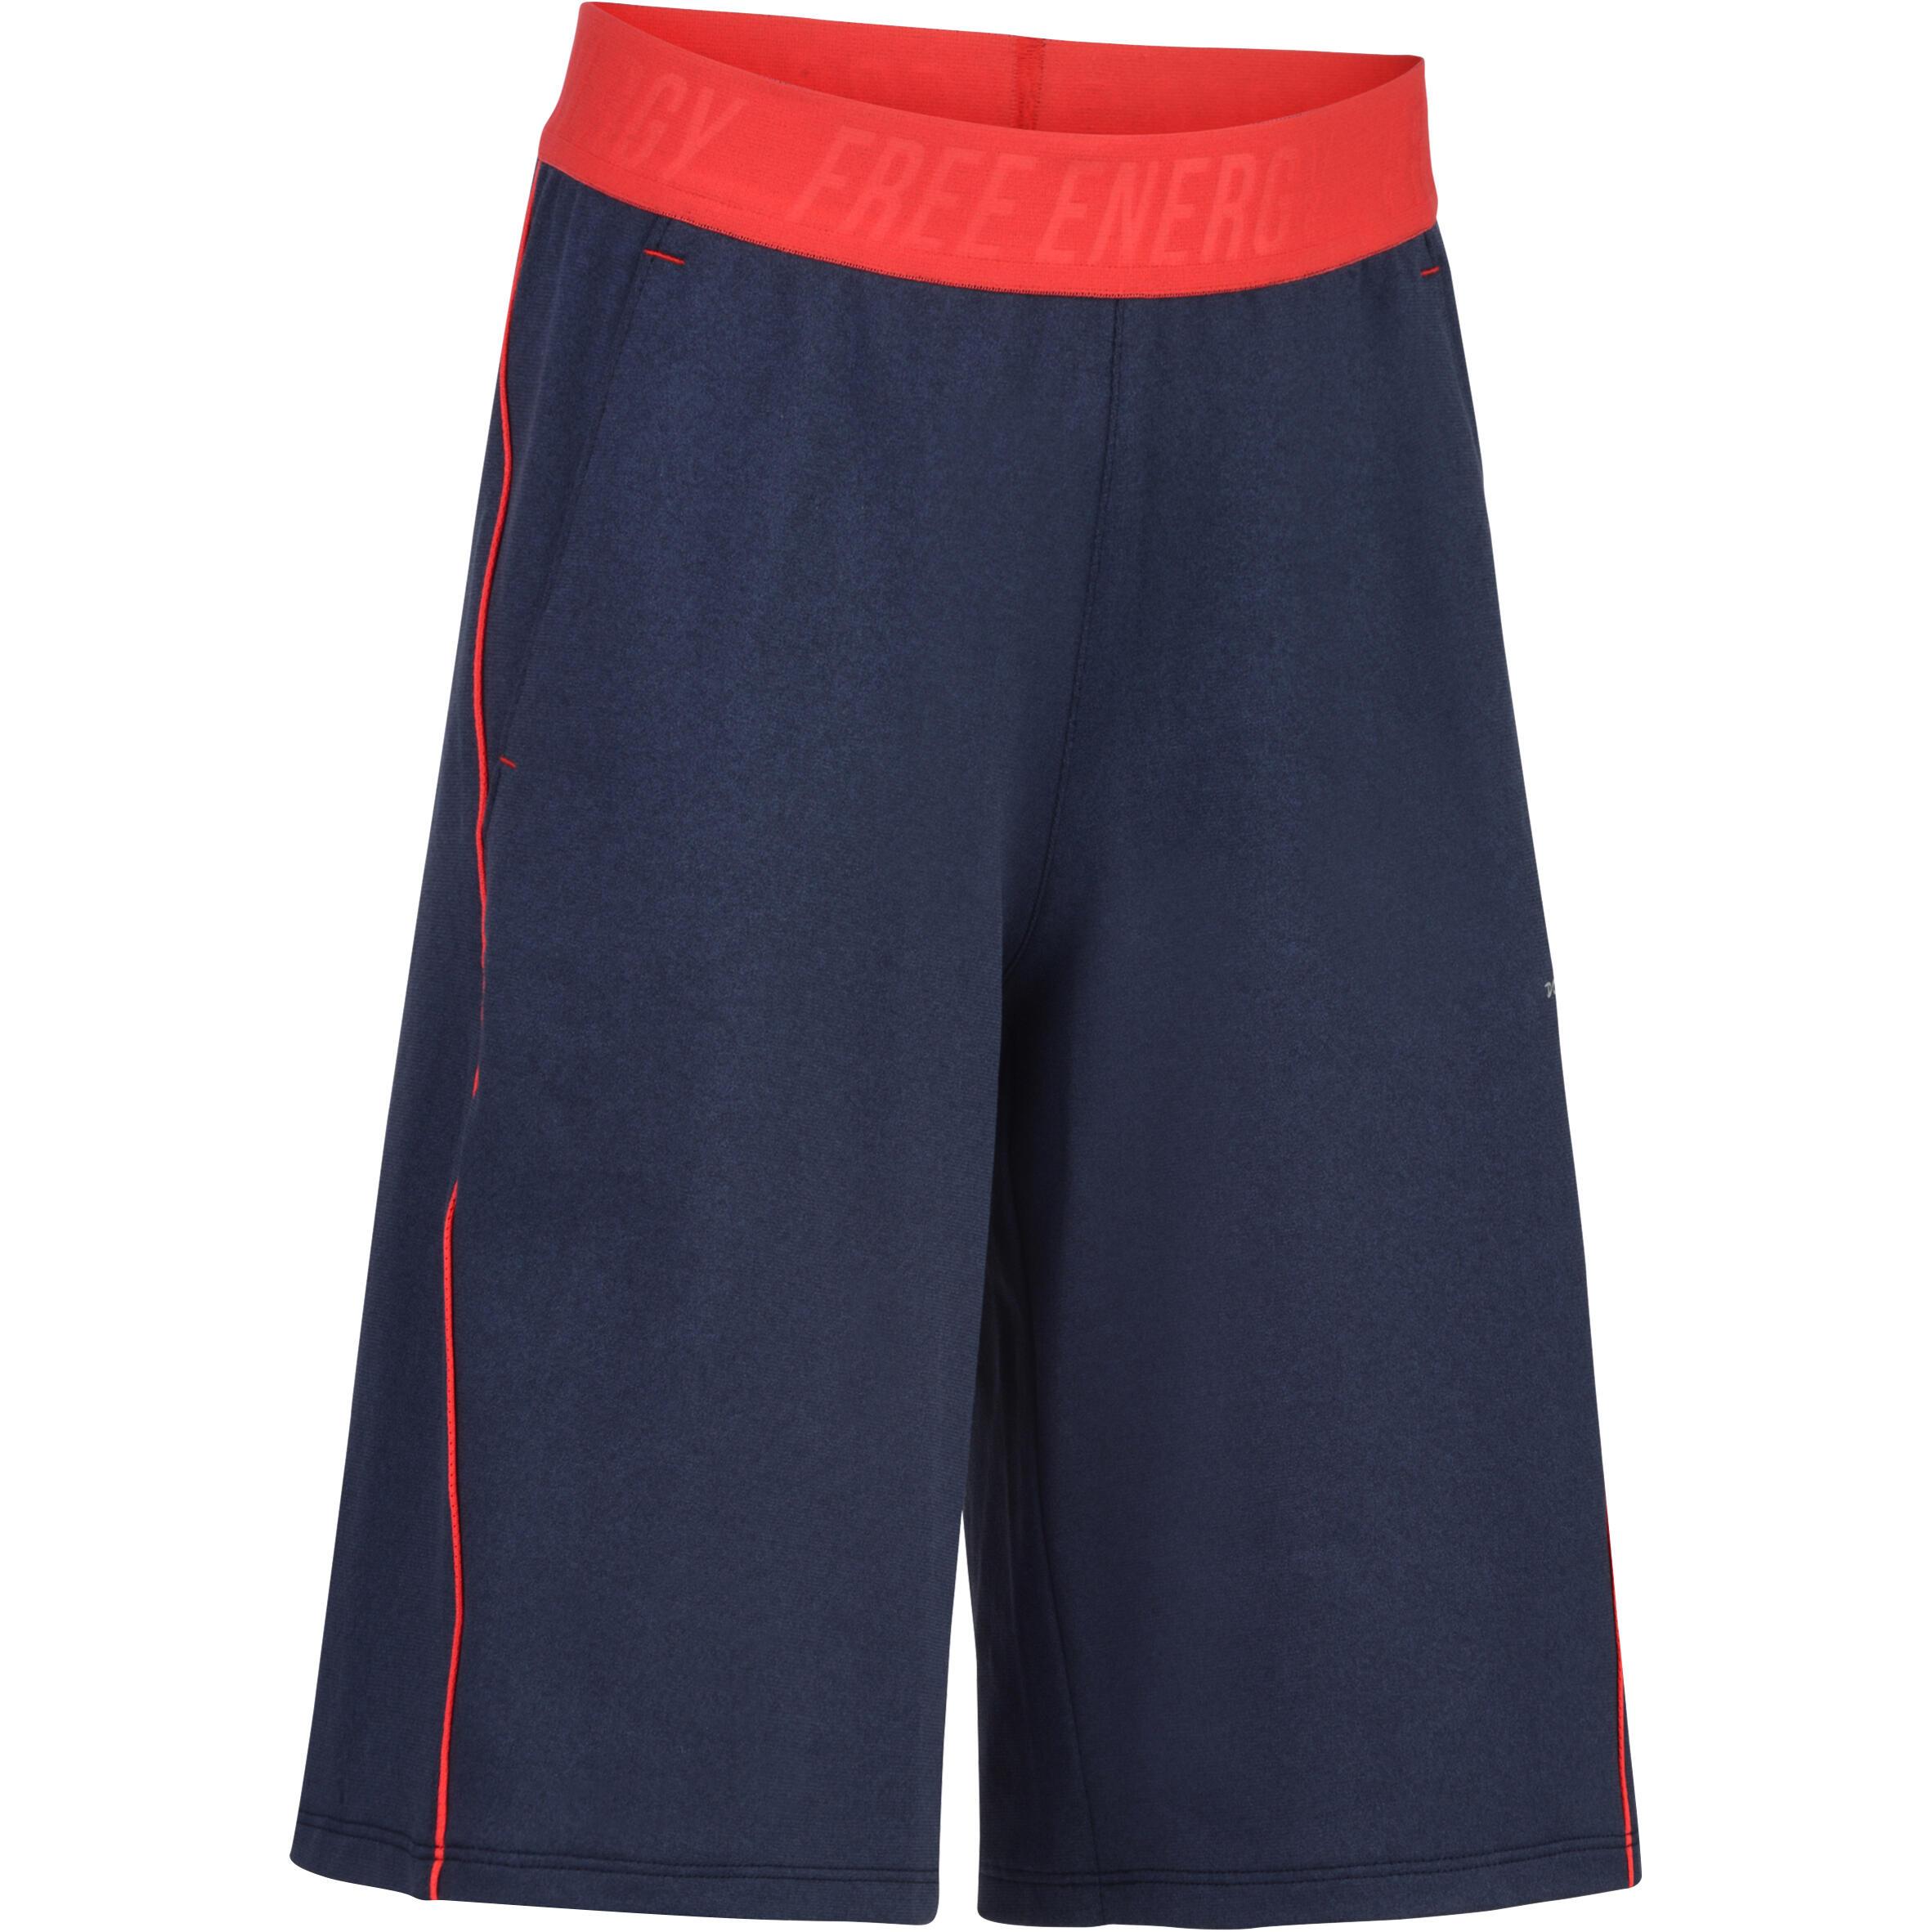 Short 960 gimnasia niño azul rojo